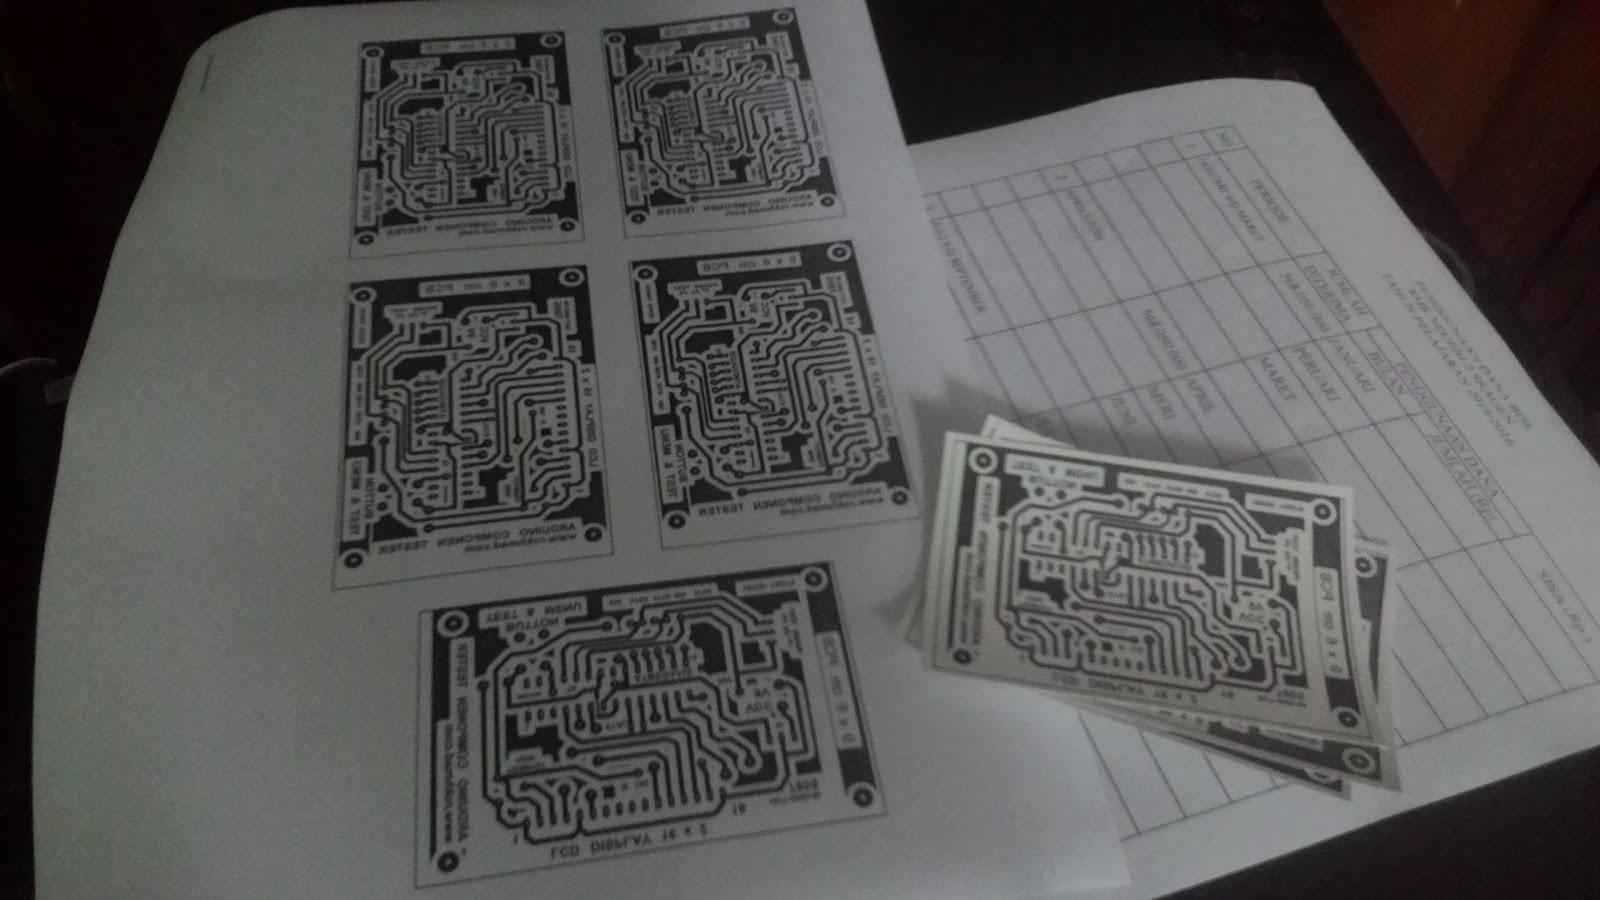 Membuat Esr Meter Dengan Arduino Uno R3 Blog Edukasi Ic Atmega328 Atmega 328 Sudah Bootloader P 20160414 102932